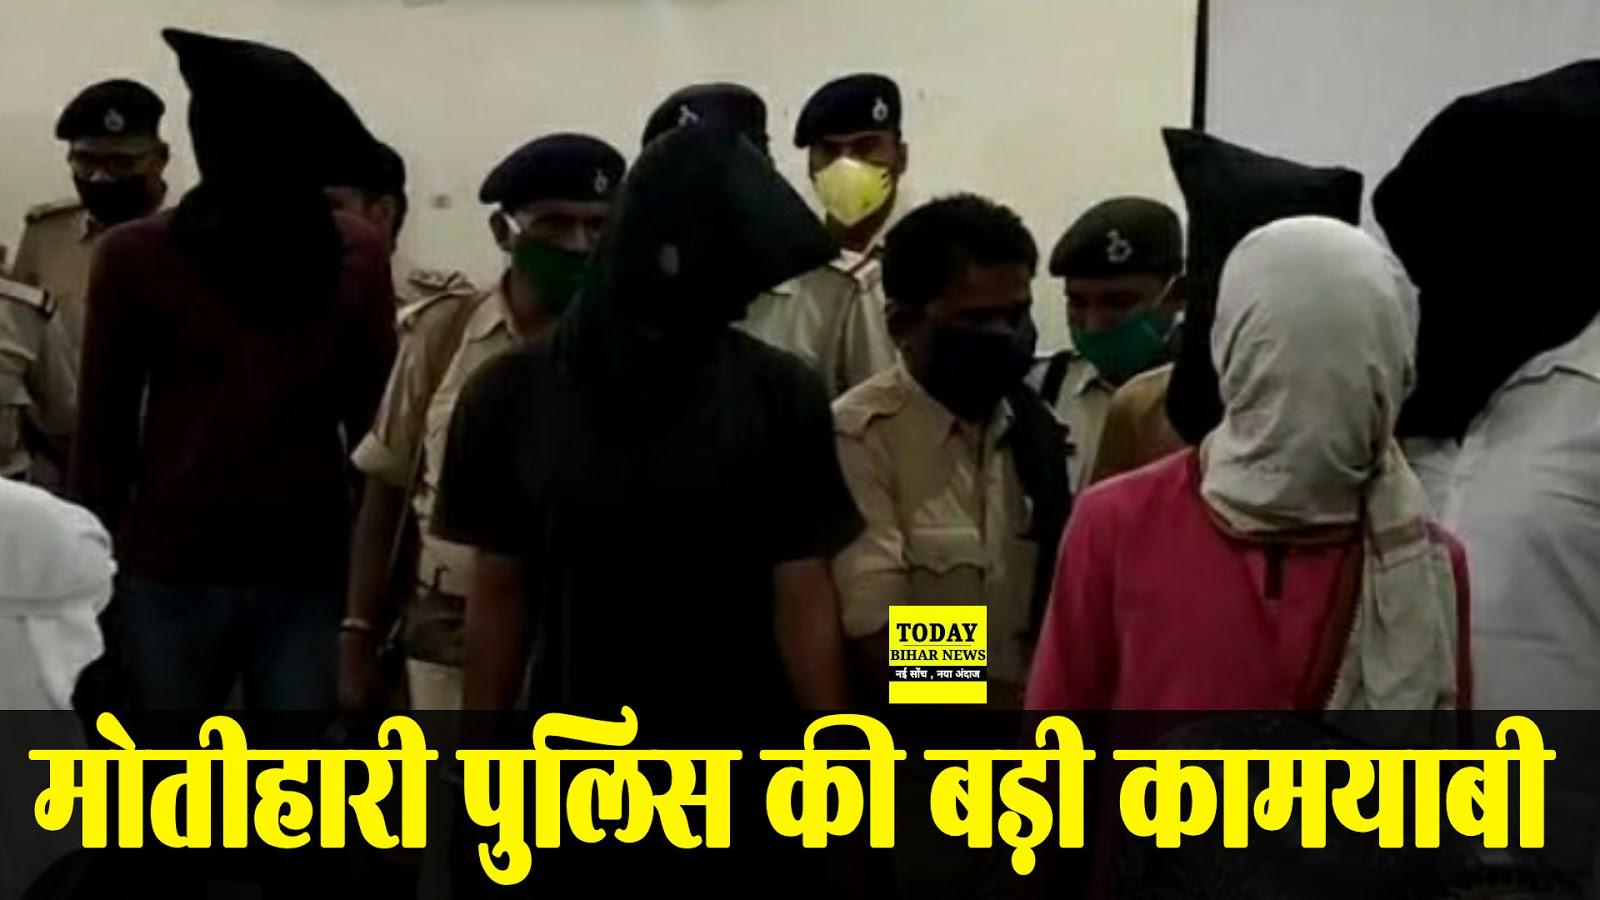 मोतीहारी पुलिस की बड़ी कामयाबी, महज आठ घण्टे के भीतर गिरोह उदभेदन, 8 शातिर गिरफ्तार